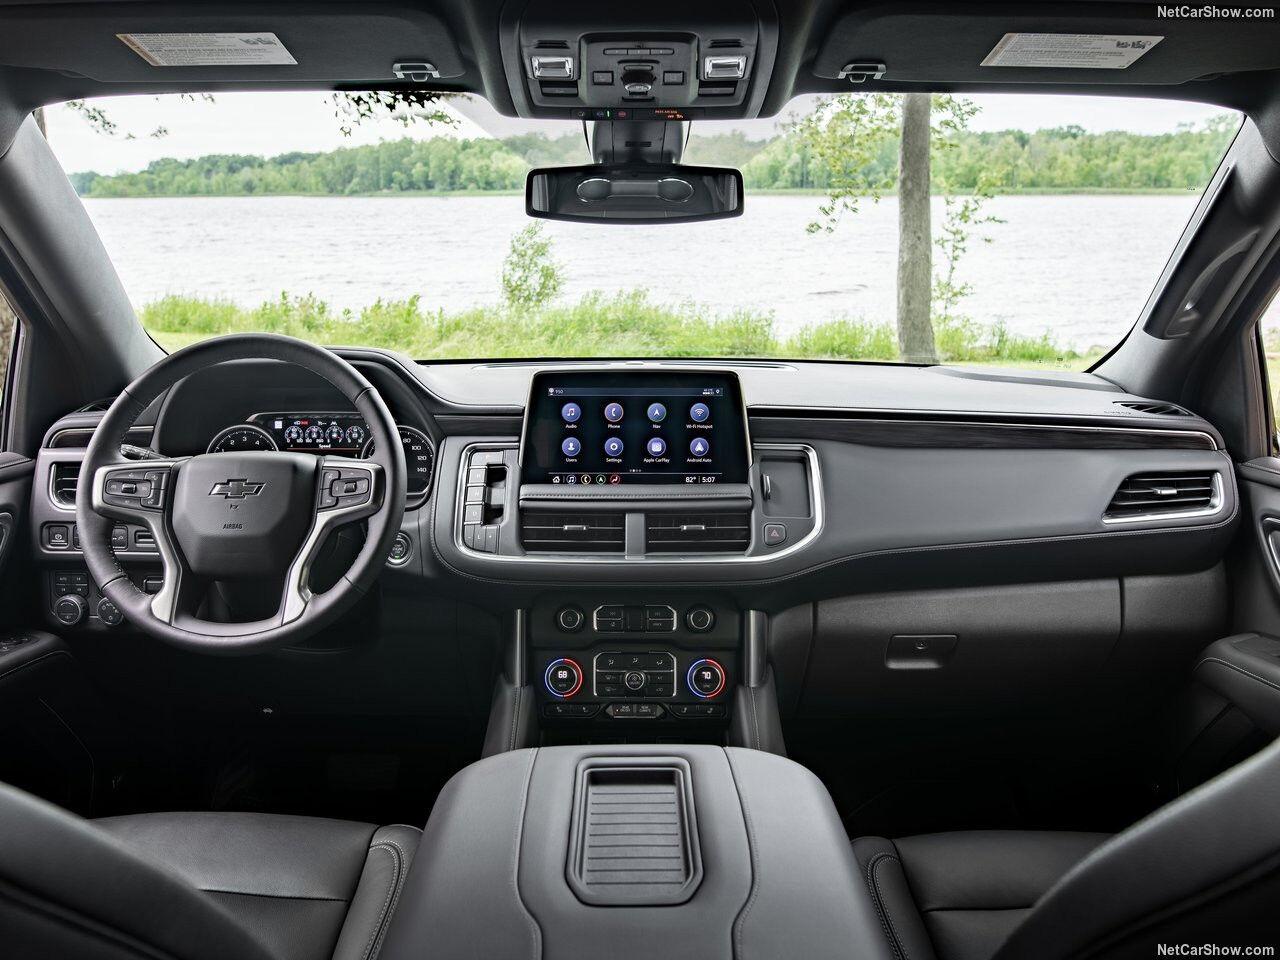 Chevrolet Suburban 5.3 V8 LTZ 4WD Auto.